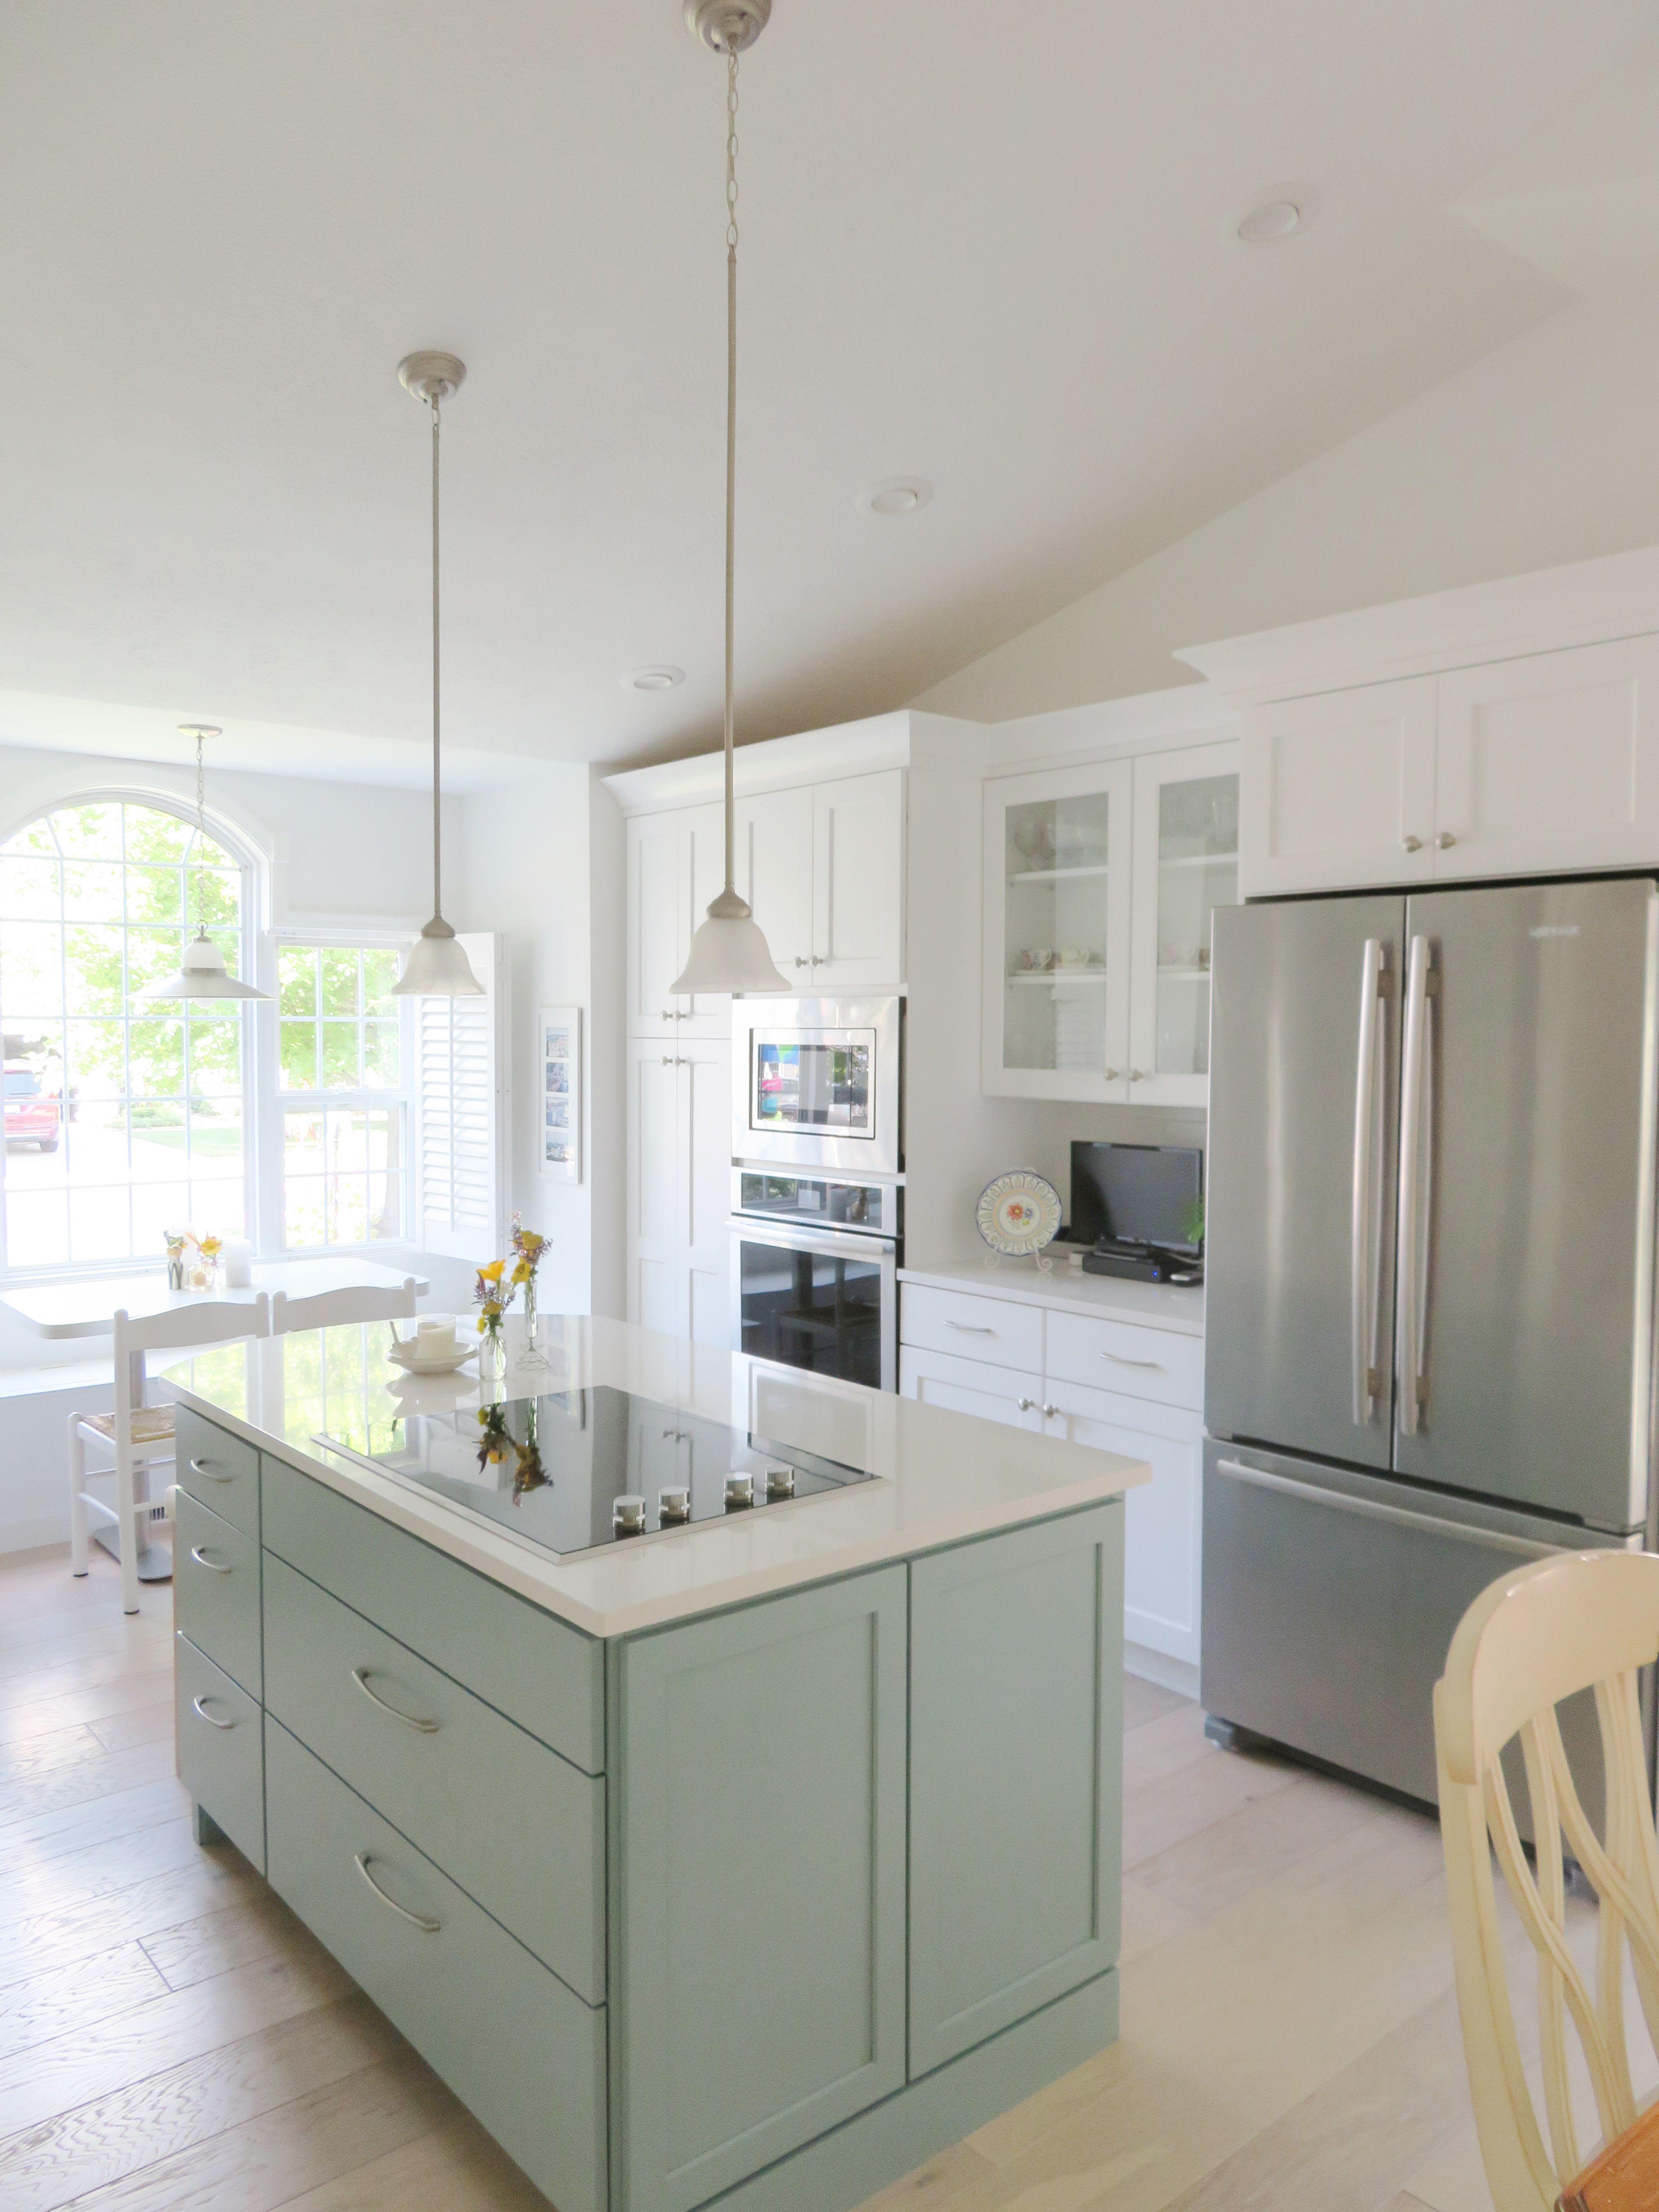 Pin by Straight Line Design on Kitchen Designs | Kitchen ...